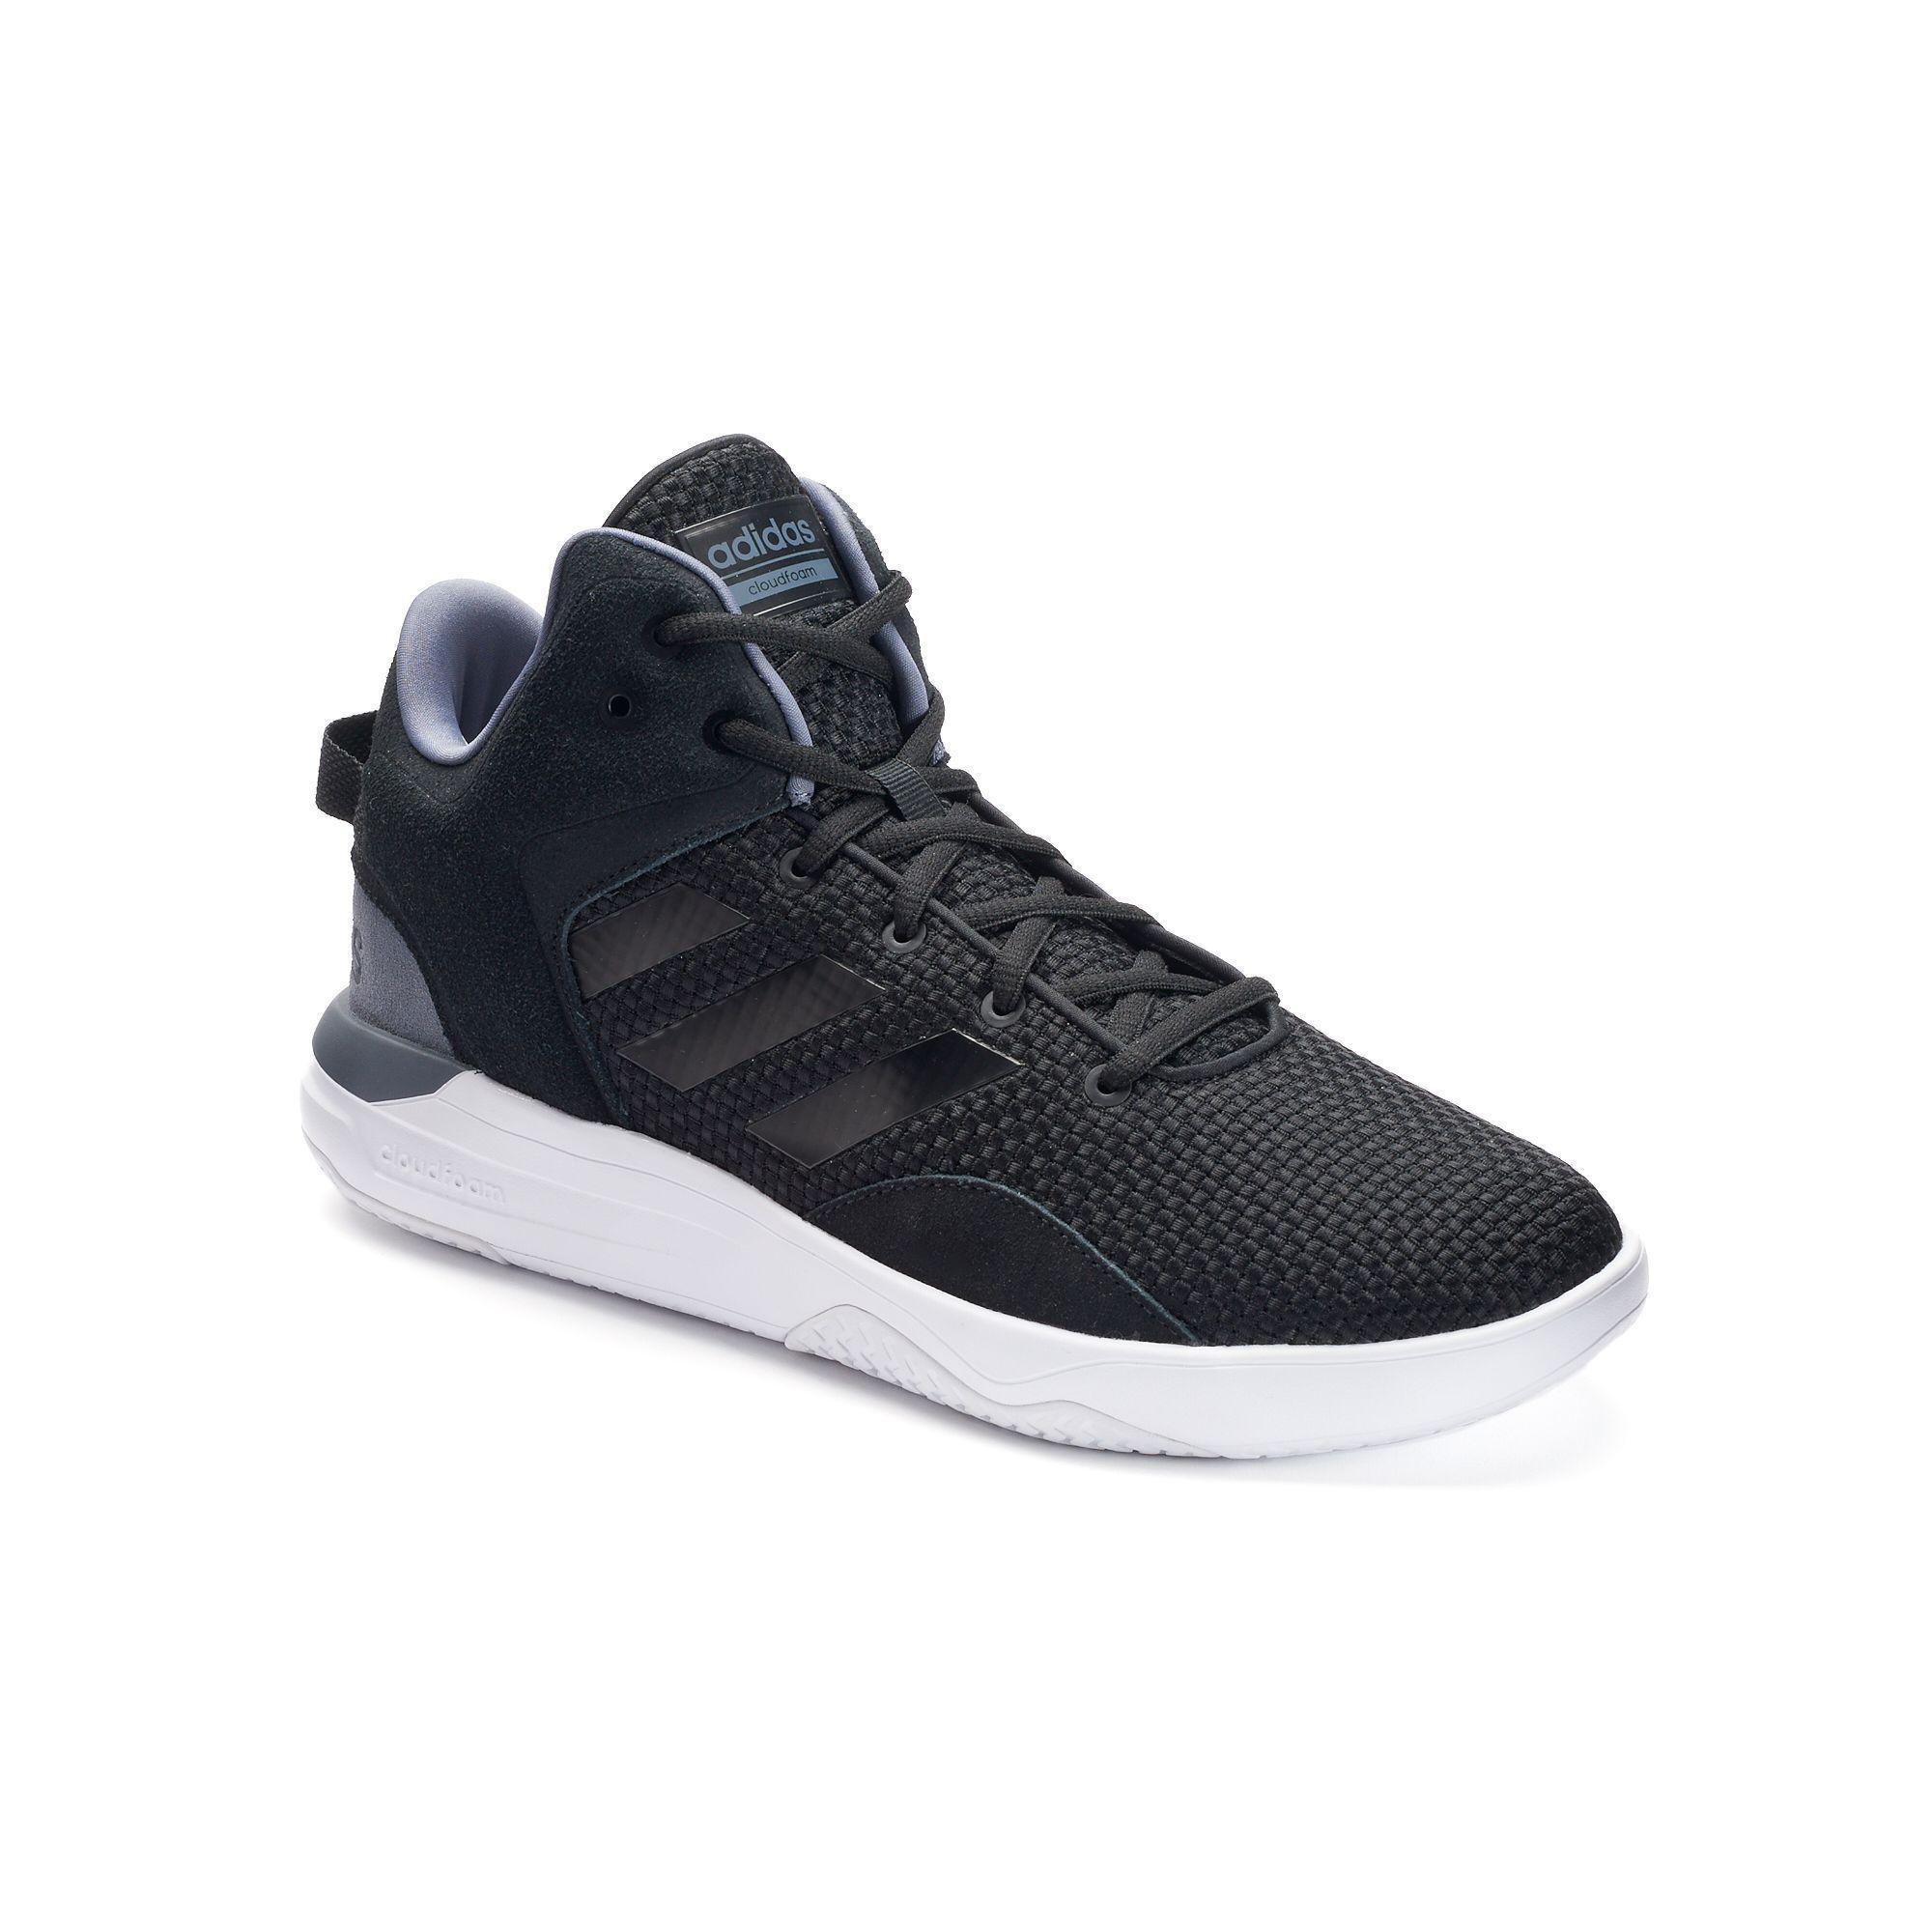 adidas neo cloudfoam revival uomini metà sopra le scarpe, dimensioni: nero